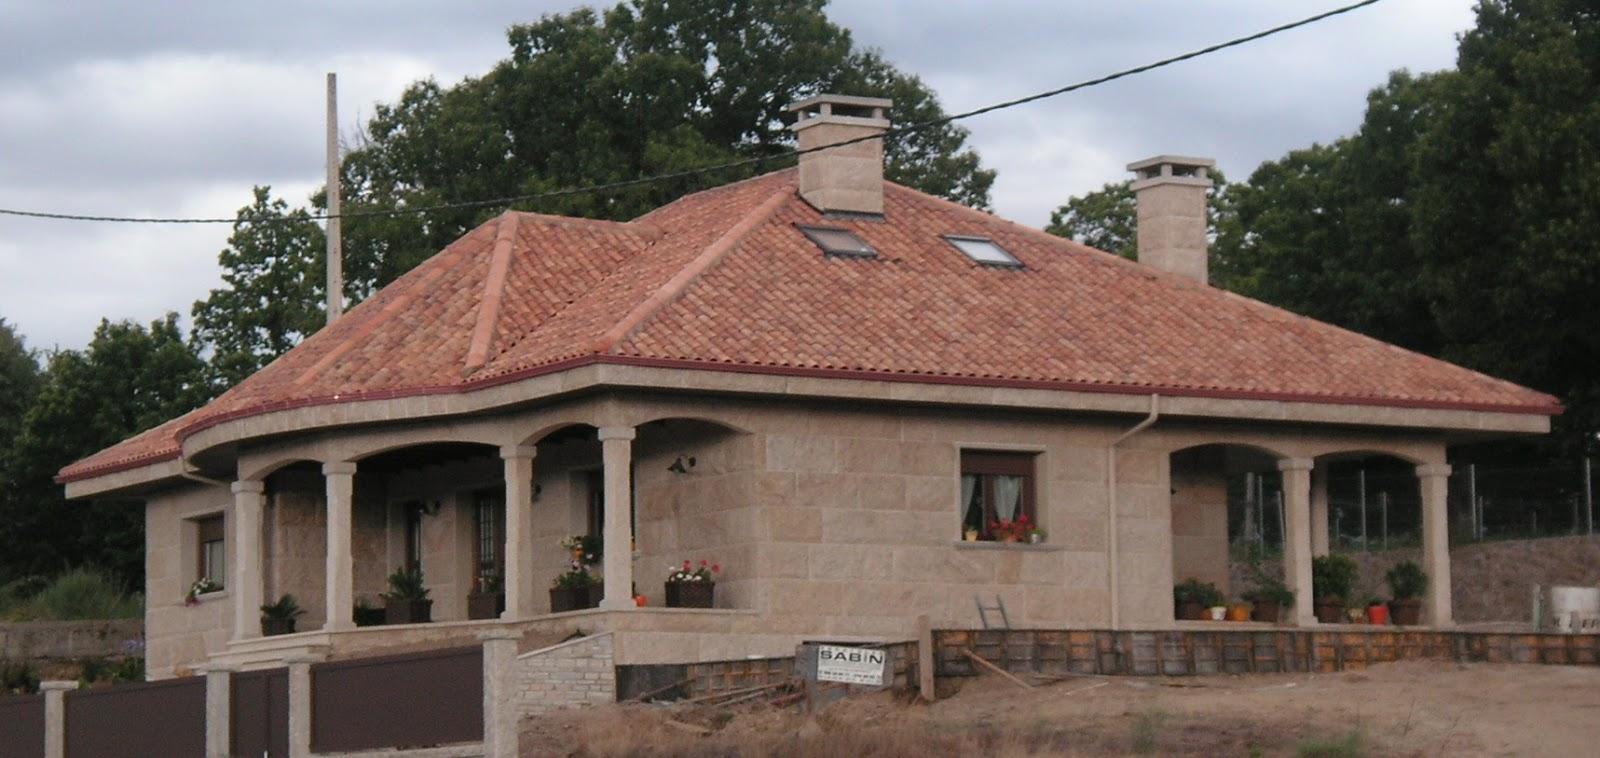 otras casas tambin de piedra aunque la segunda a mi no me gusta porque las prefiero de forma mas cuadradas no tan alargadas